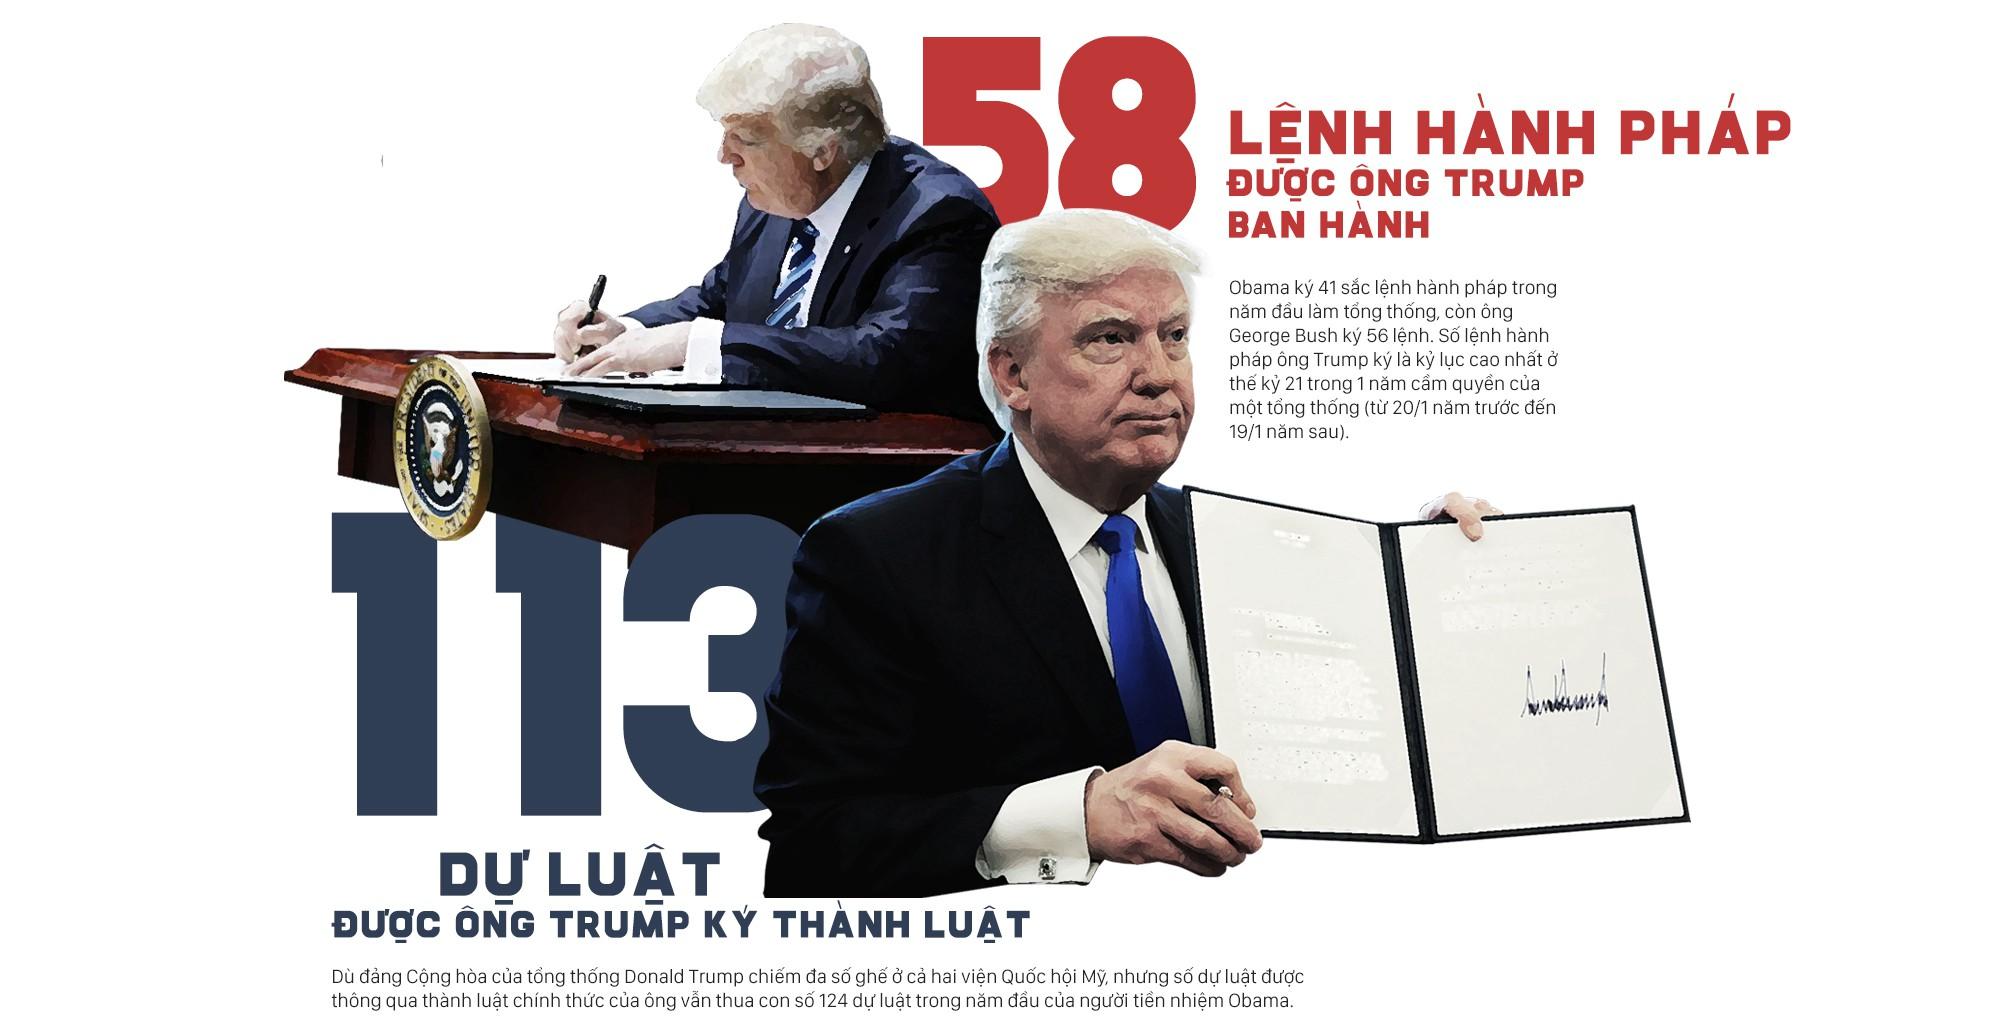 Năm đầu tiên trong Nhà Trắng của tổng thống Trump: Những con số kỷ lục đập tan tranh cãi - Ảnh 2.